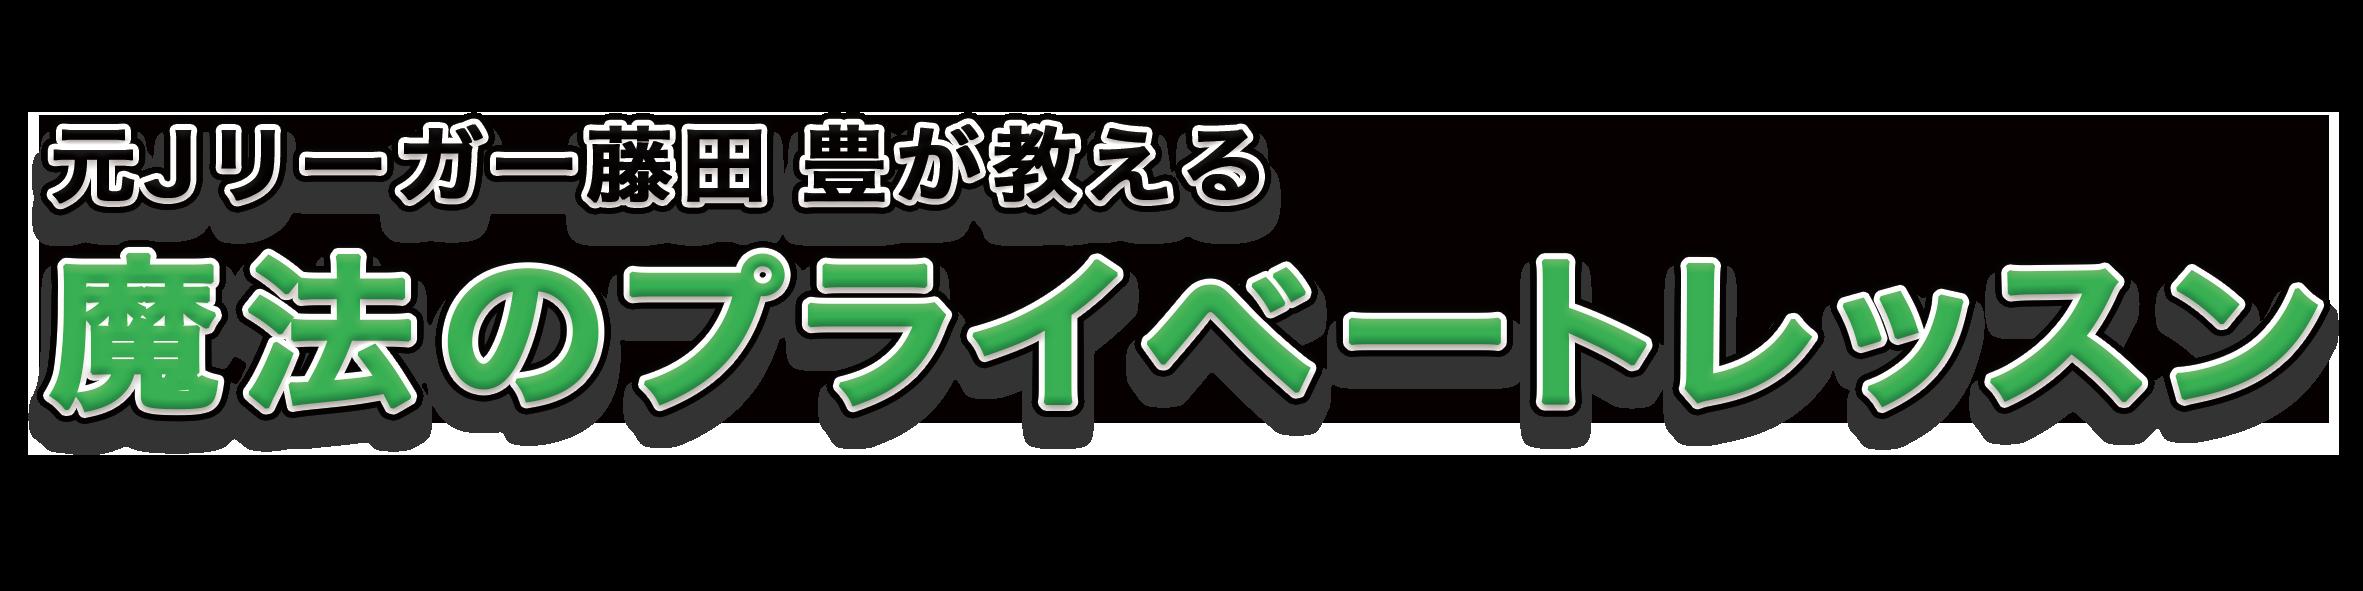 元Jリーガー 藤田豊 少年サッカー プライベートレッスン